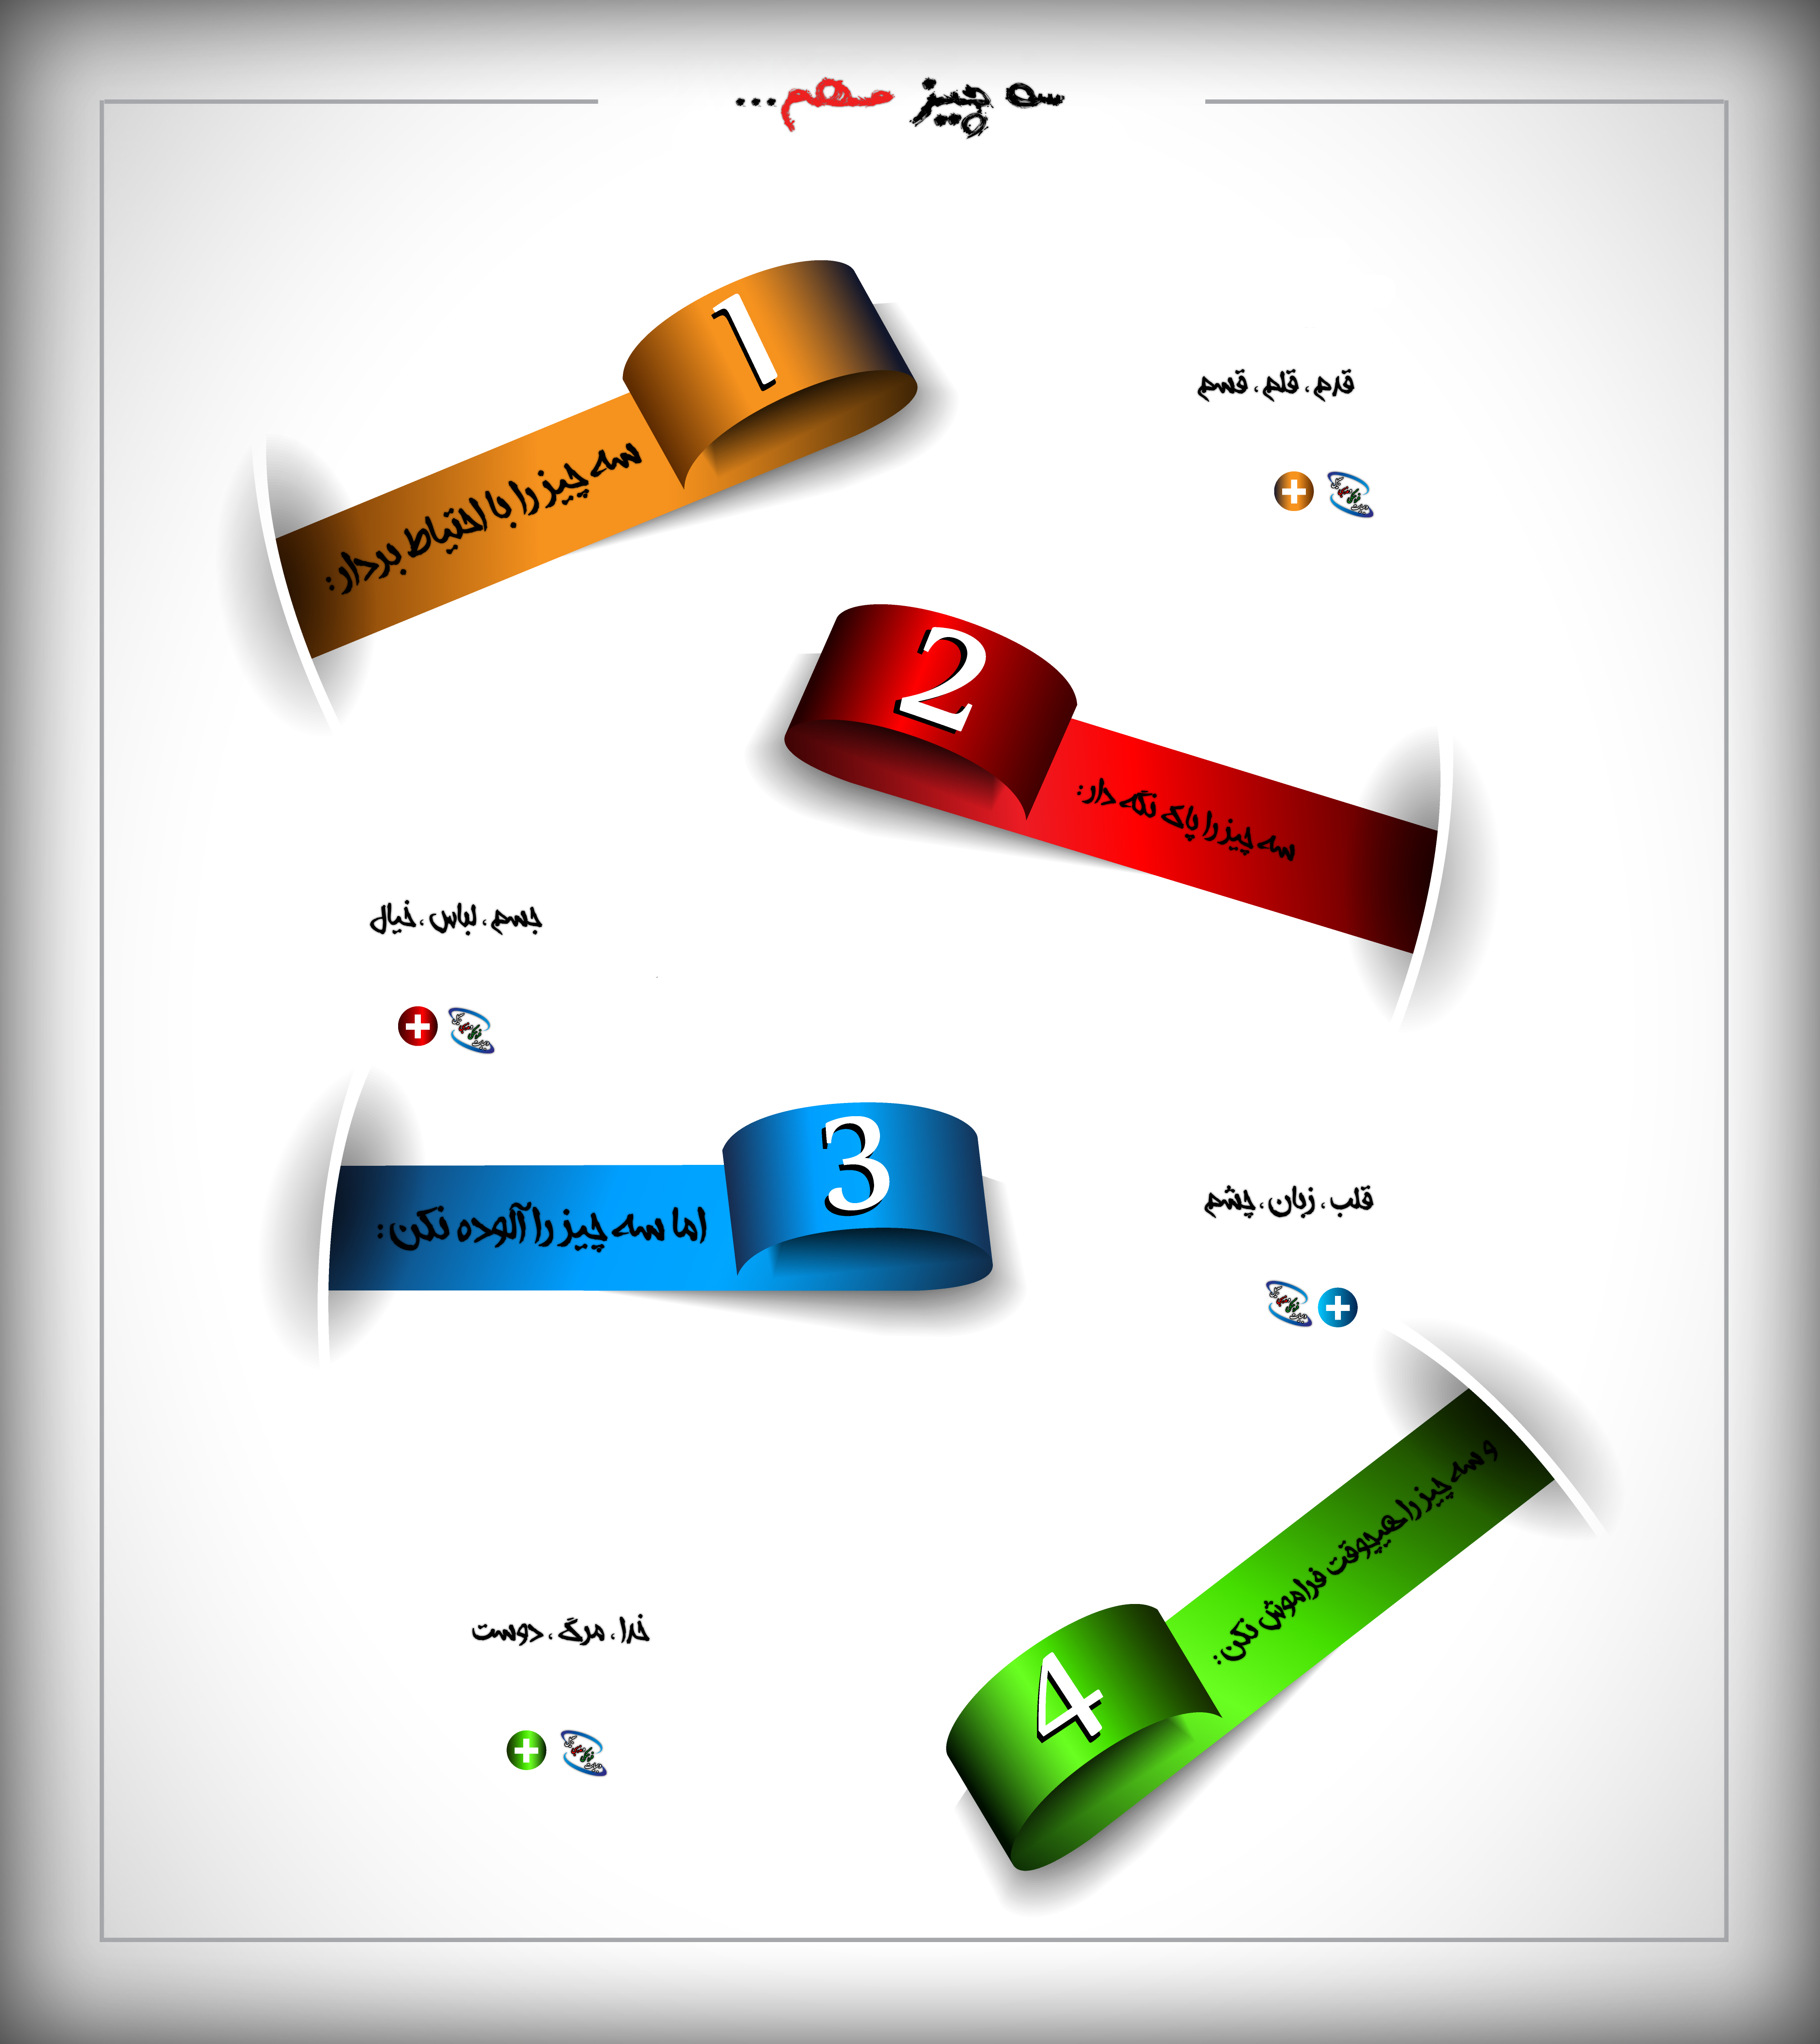 http://s5.picofile.com/file/8109903584/%D8%B3%D9%87_%DA%86%DB%8C%D8%B2_%D9%85%D9%80%D9%87%D9%85_.png